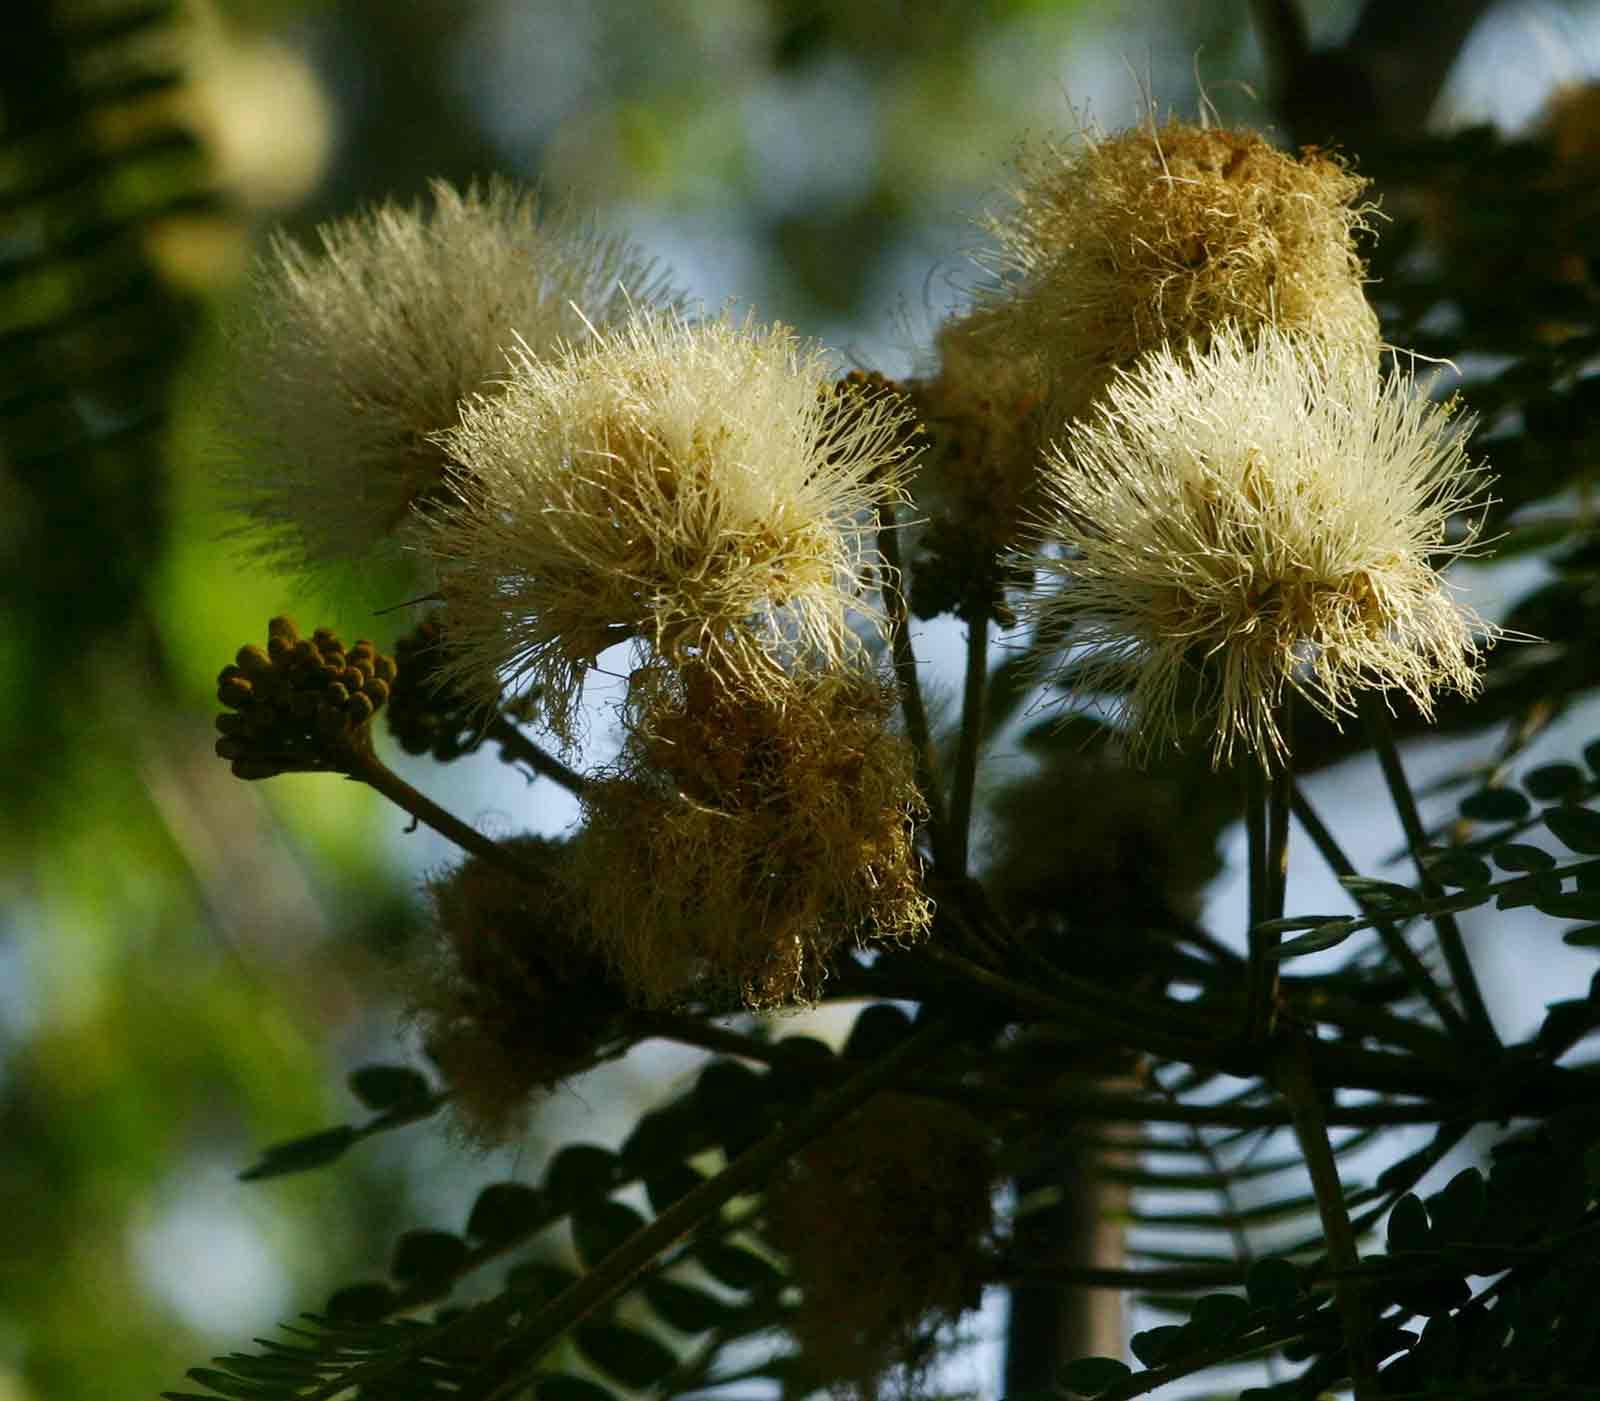 Albizia schimperiana var. schimperiana